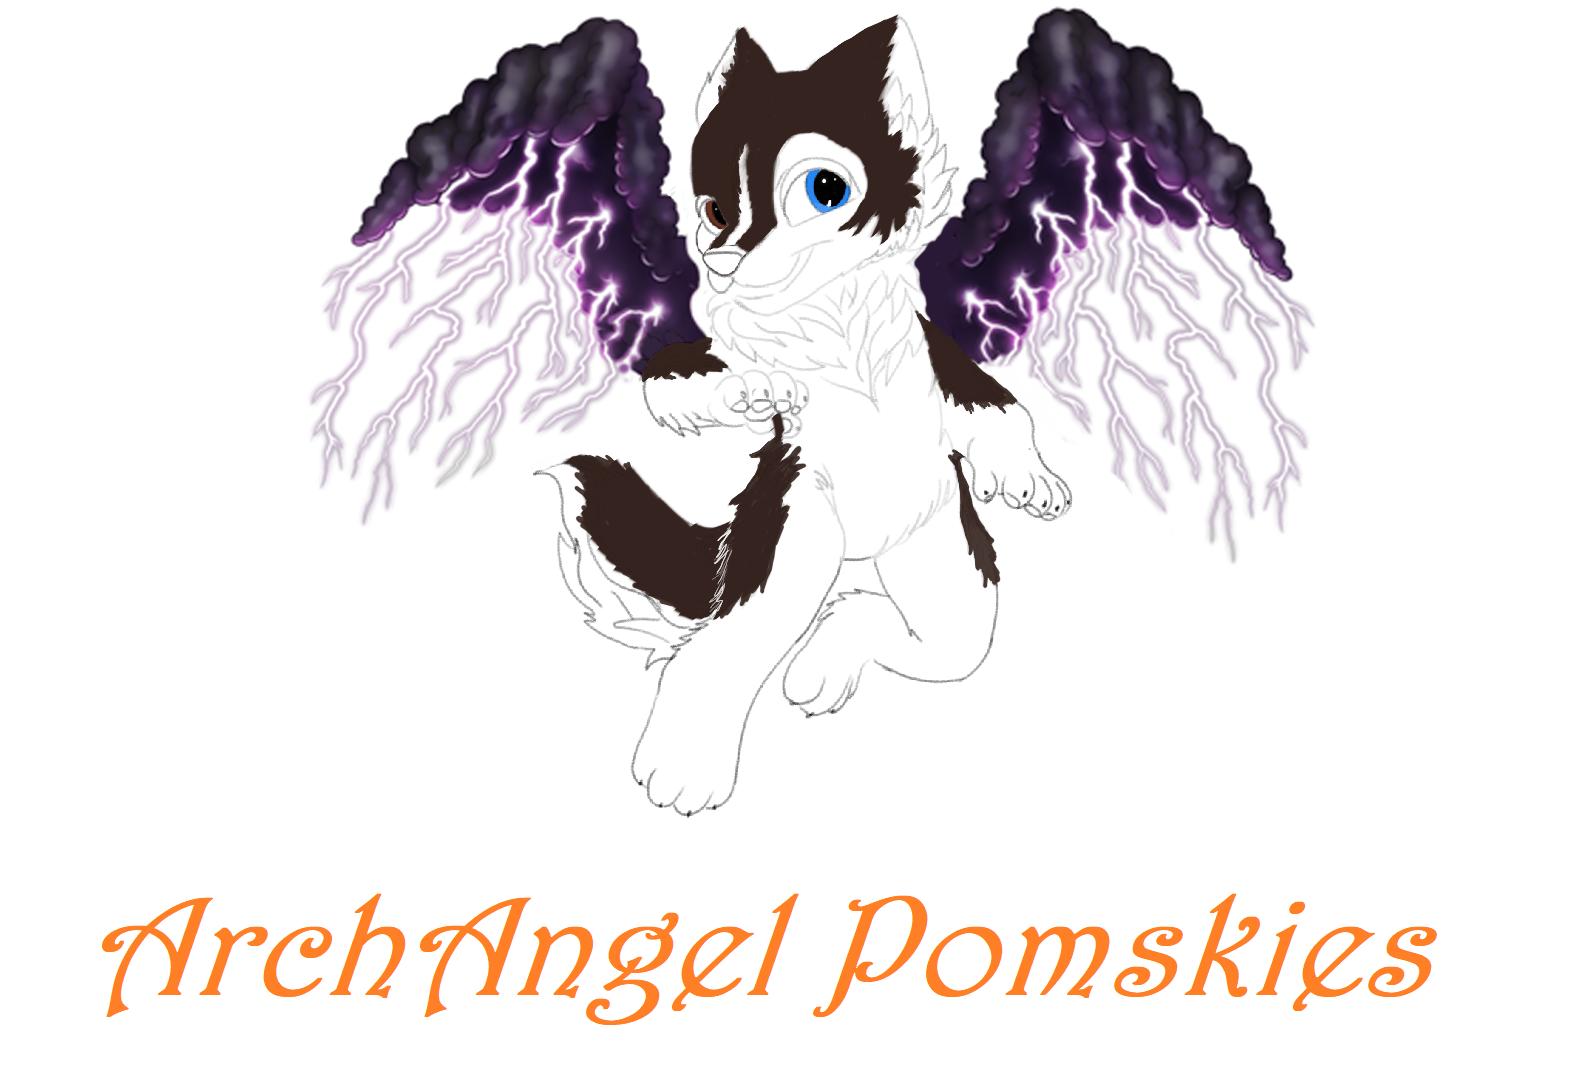 ArchAngel Pomskies